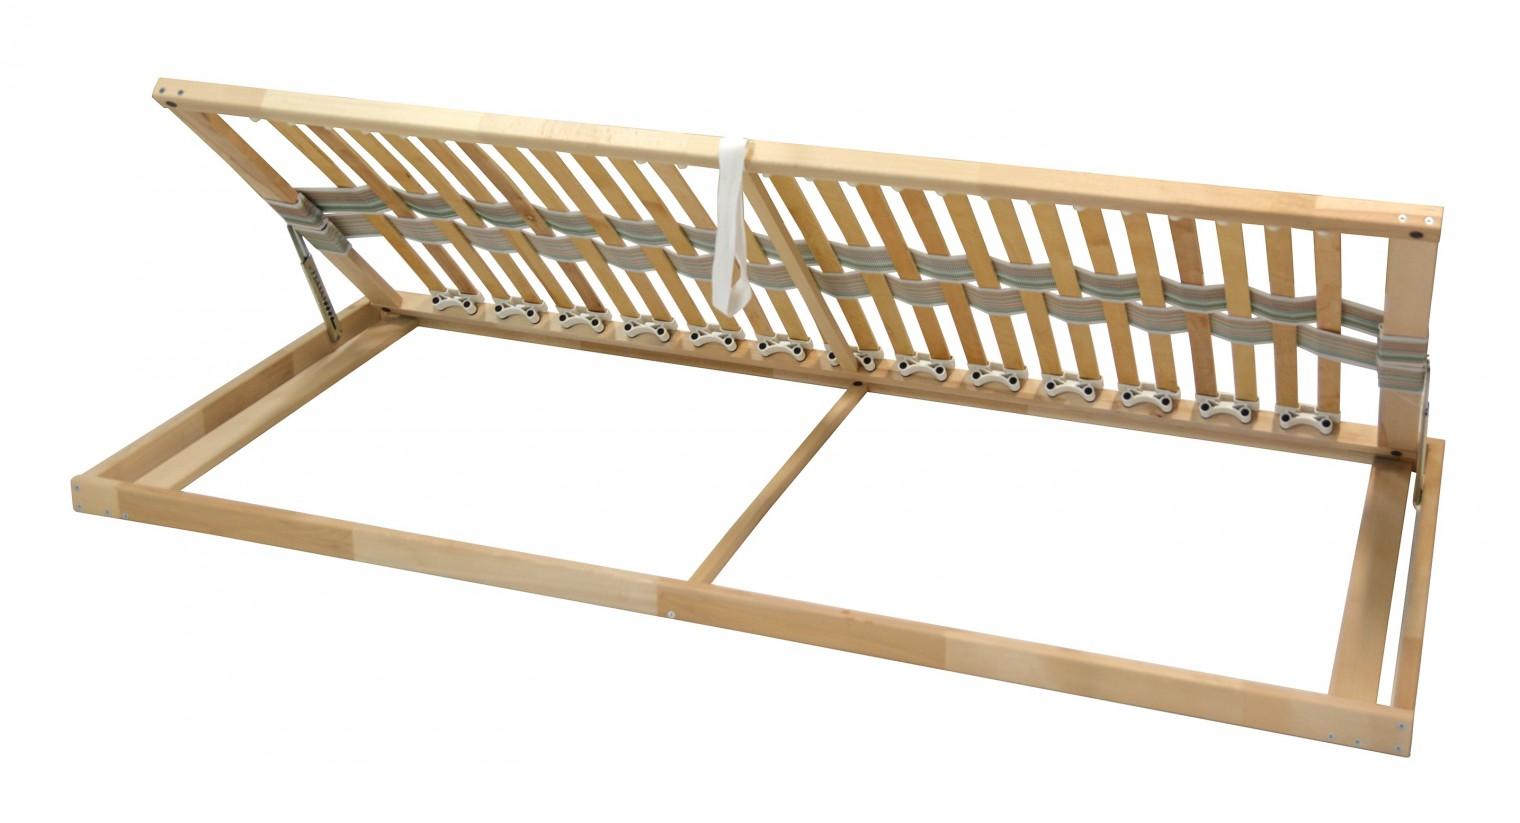 Pevné rošty Double klasik - Rošt, 80x200 cm, výklopný do boku